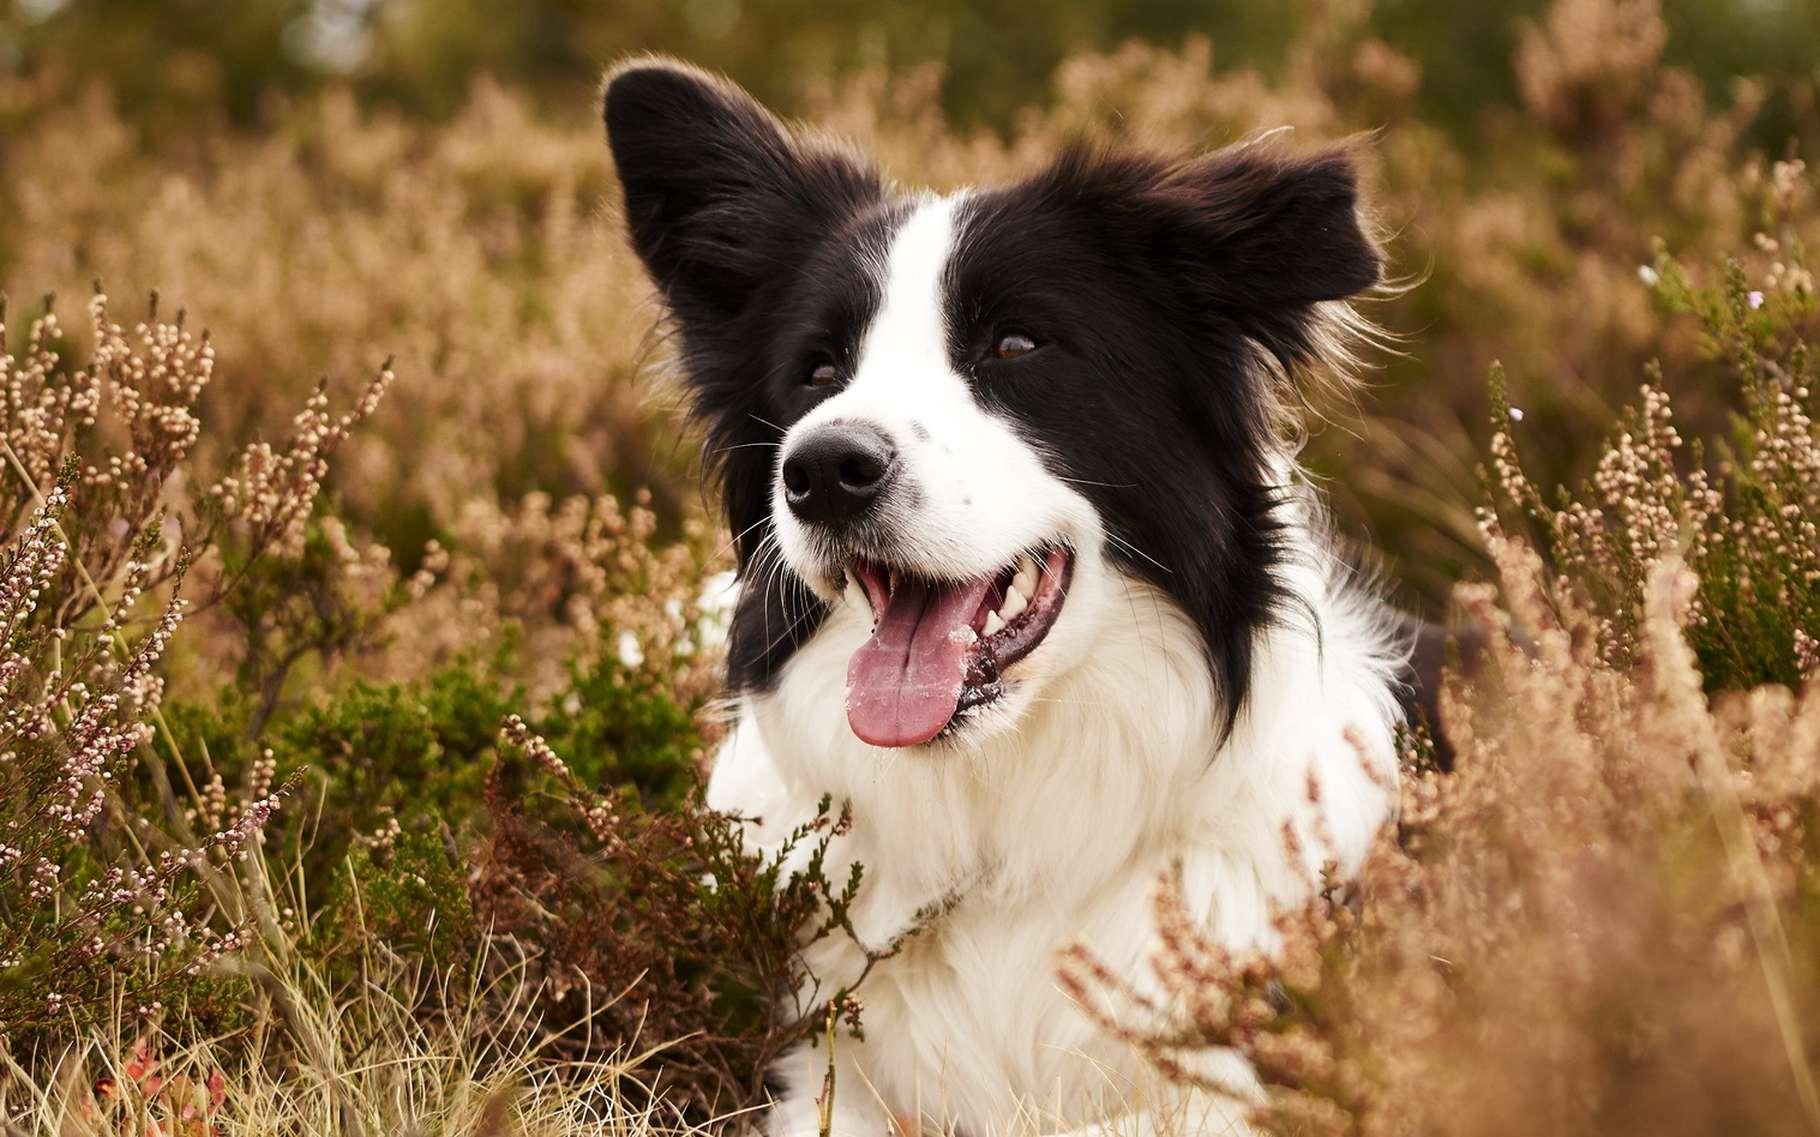 Le border collie est un chien de troupeau qui a besoin de faire beaucoup d'exercice. © LSphotoCZ, Shutterstock